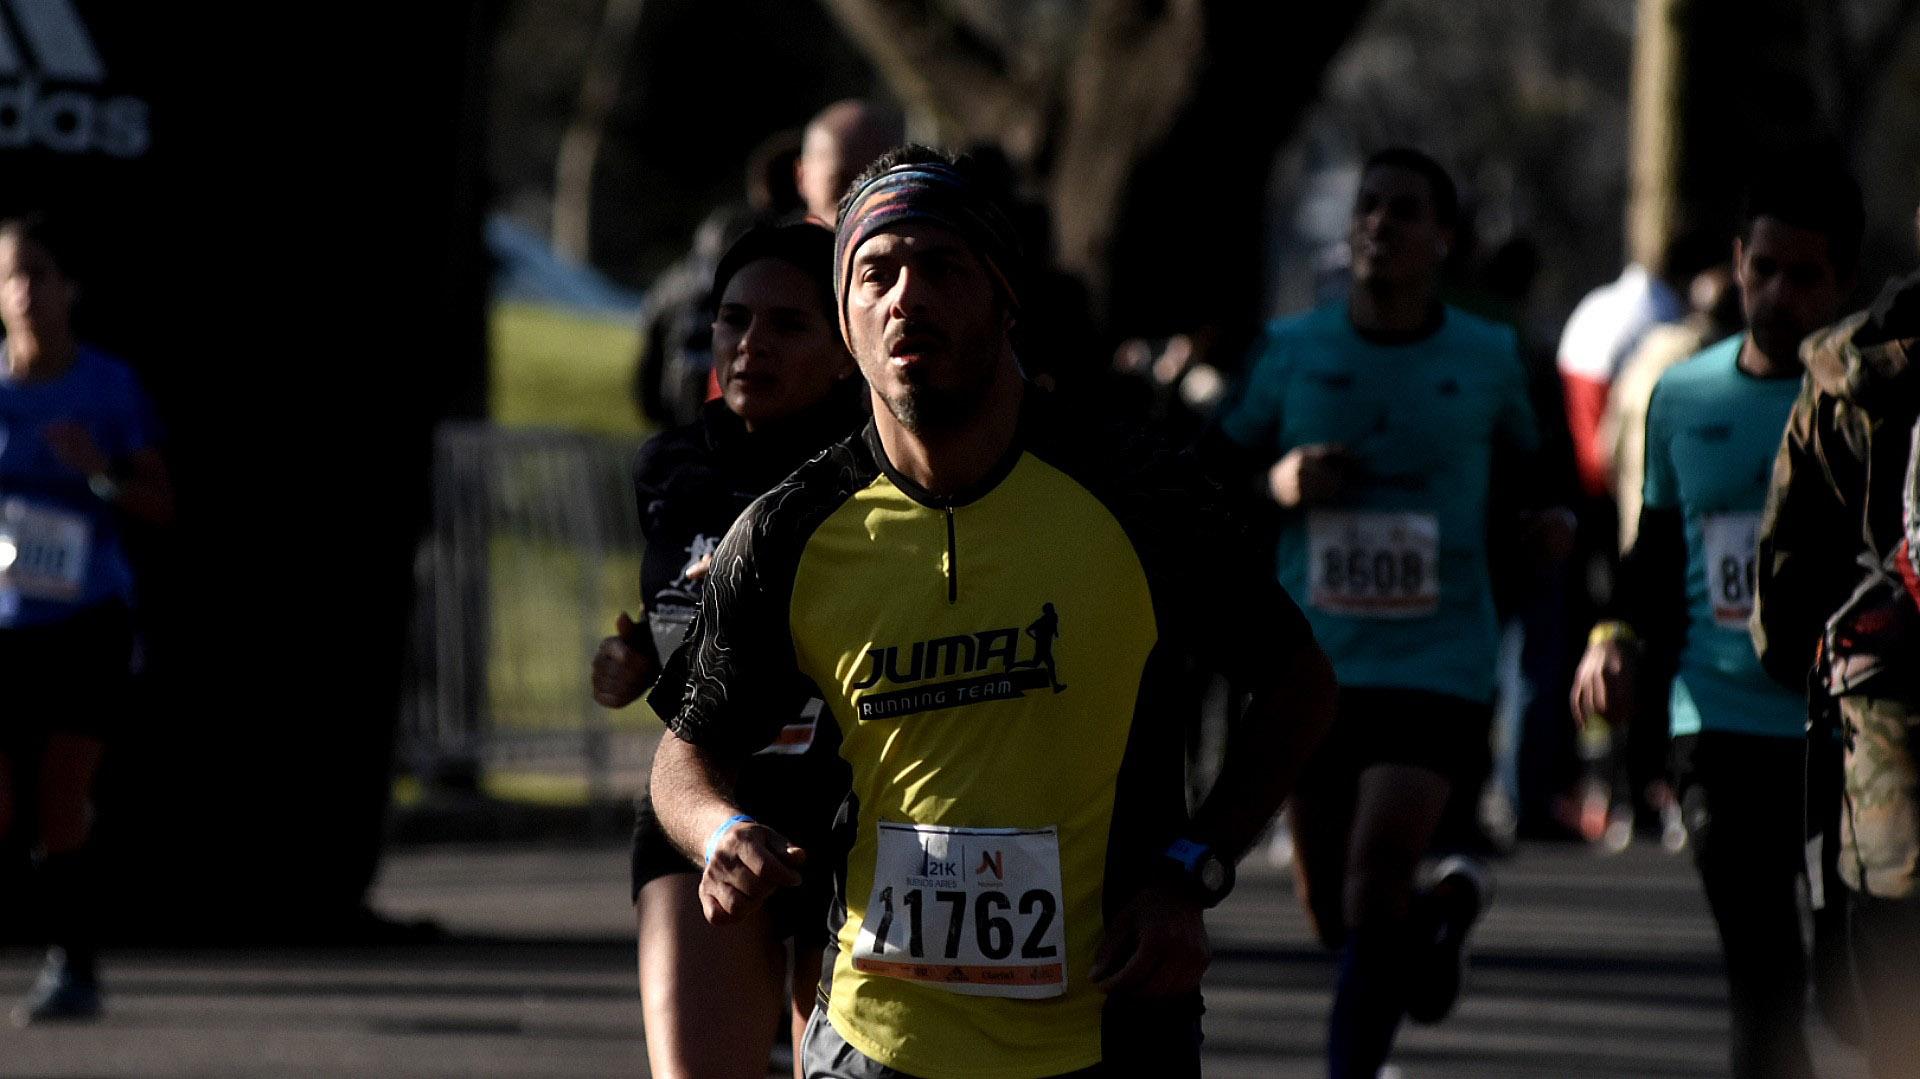 Ya cansados pero muy motivados, los últimos runners comenzaban a llegar a la meta